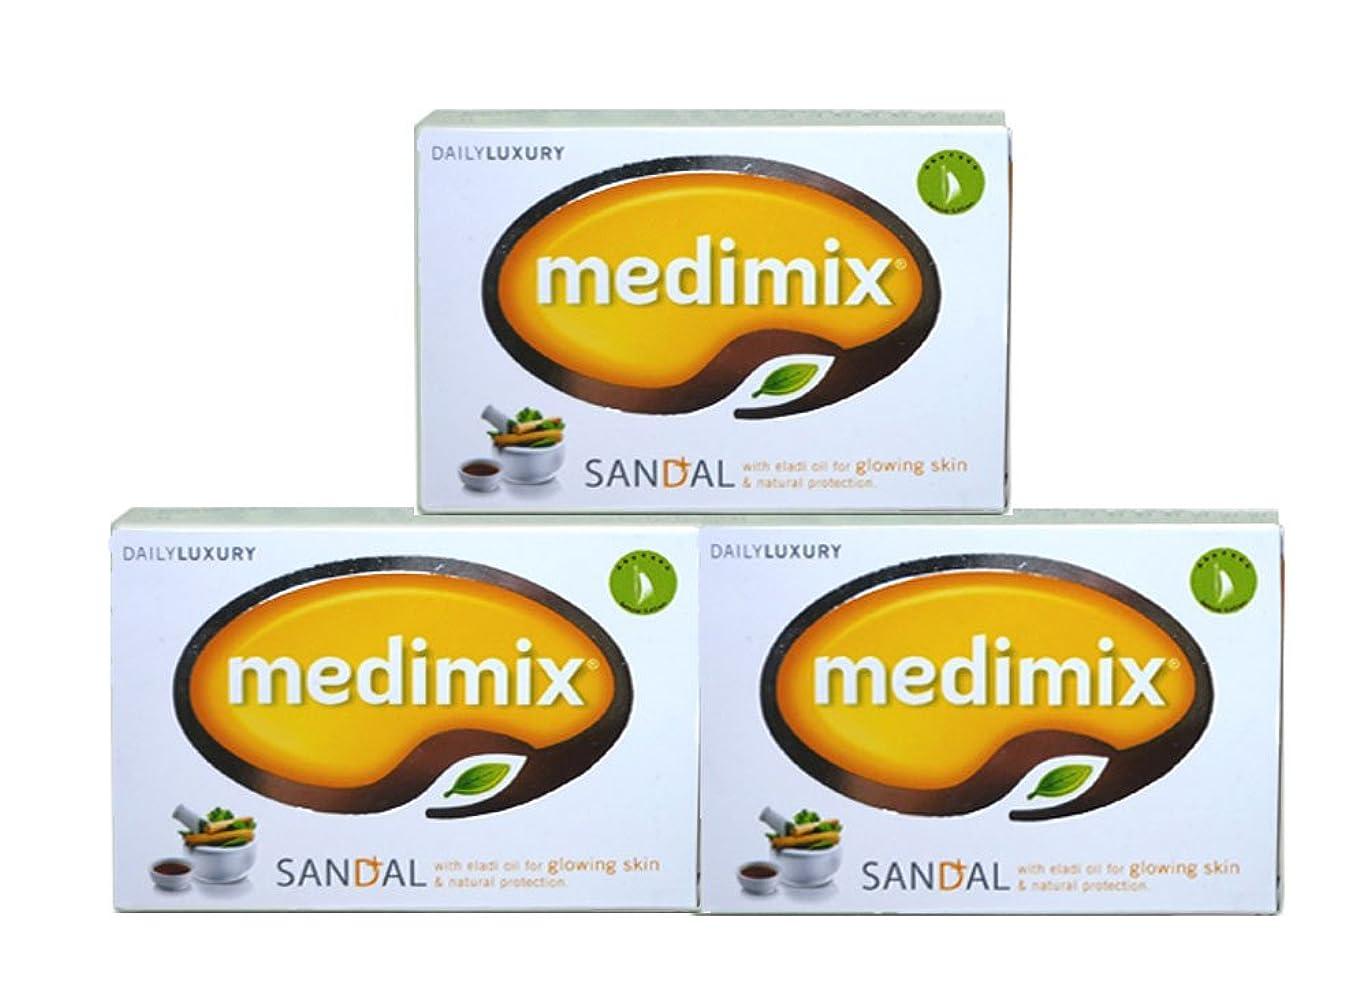 答え約束するオッズMEDIMIX メディミックス クラシックオレンジ石鹸3個セット(medimix sandal)